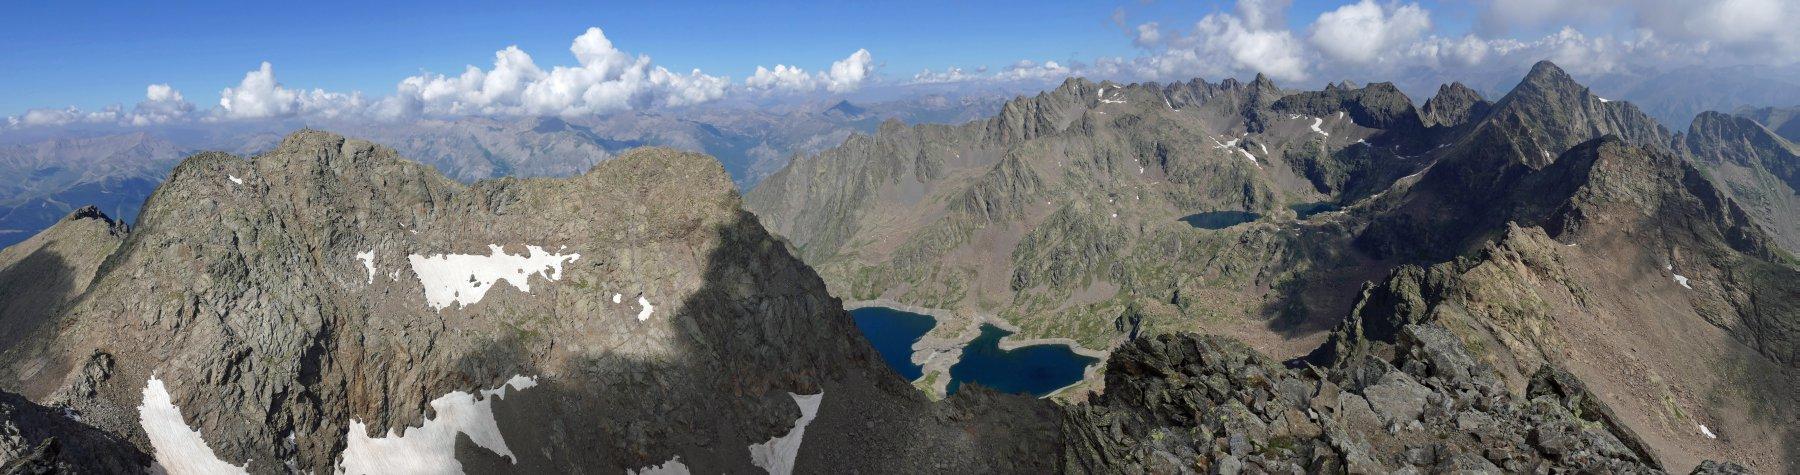 Panoramica dalla cima del Corborant